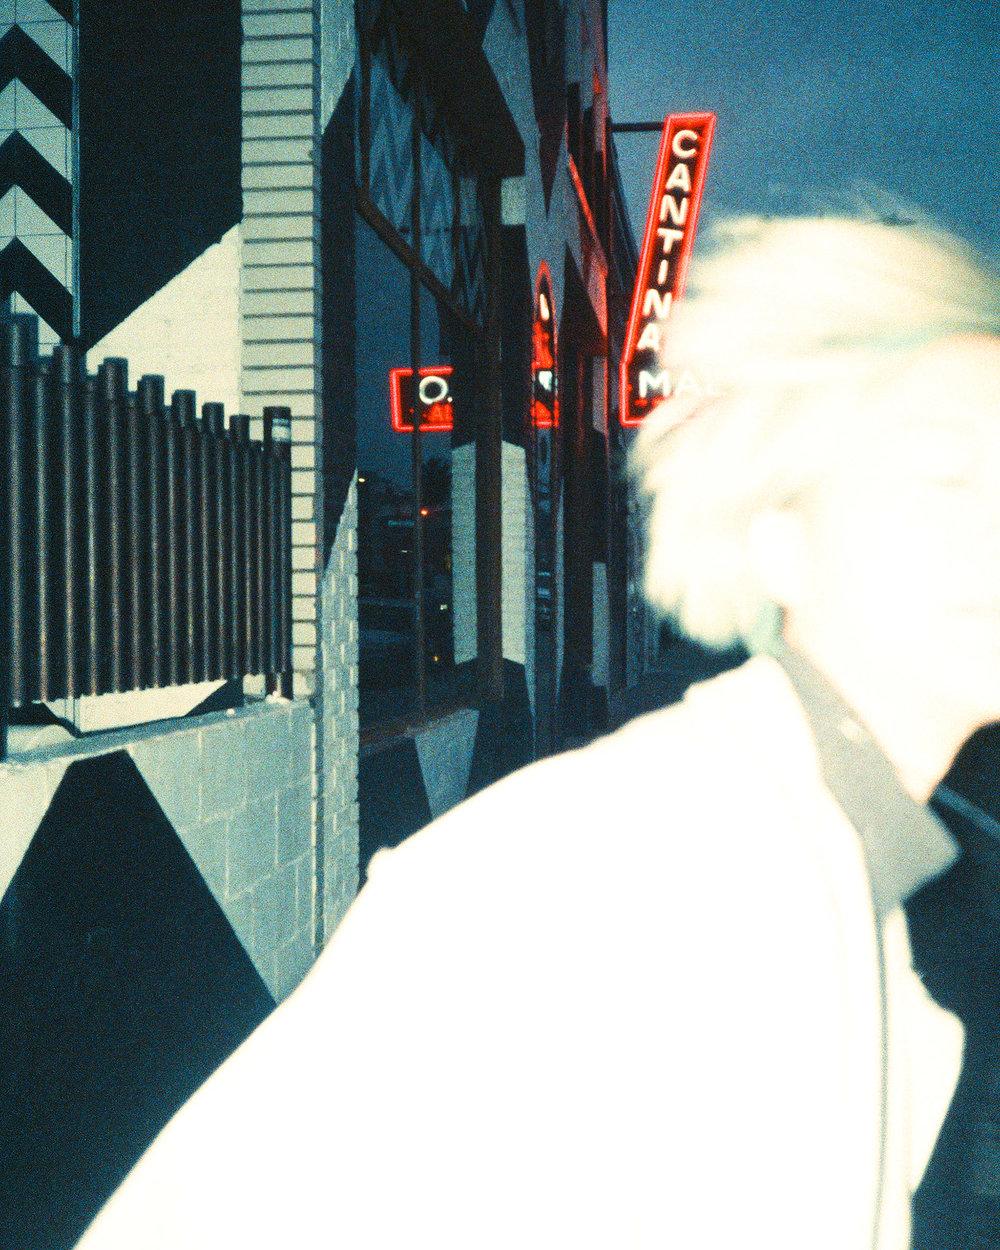 C1804-033-7609-CR-135-洪昀 -20-Kodak-Retrochrome320-2048px-JPGE12.jpg